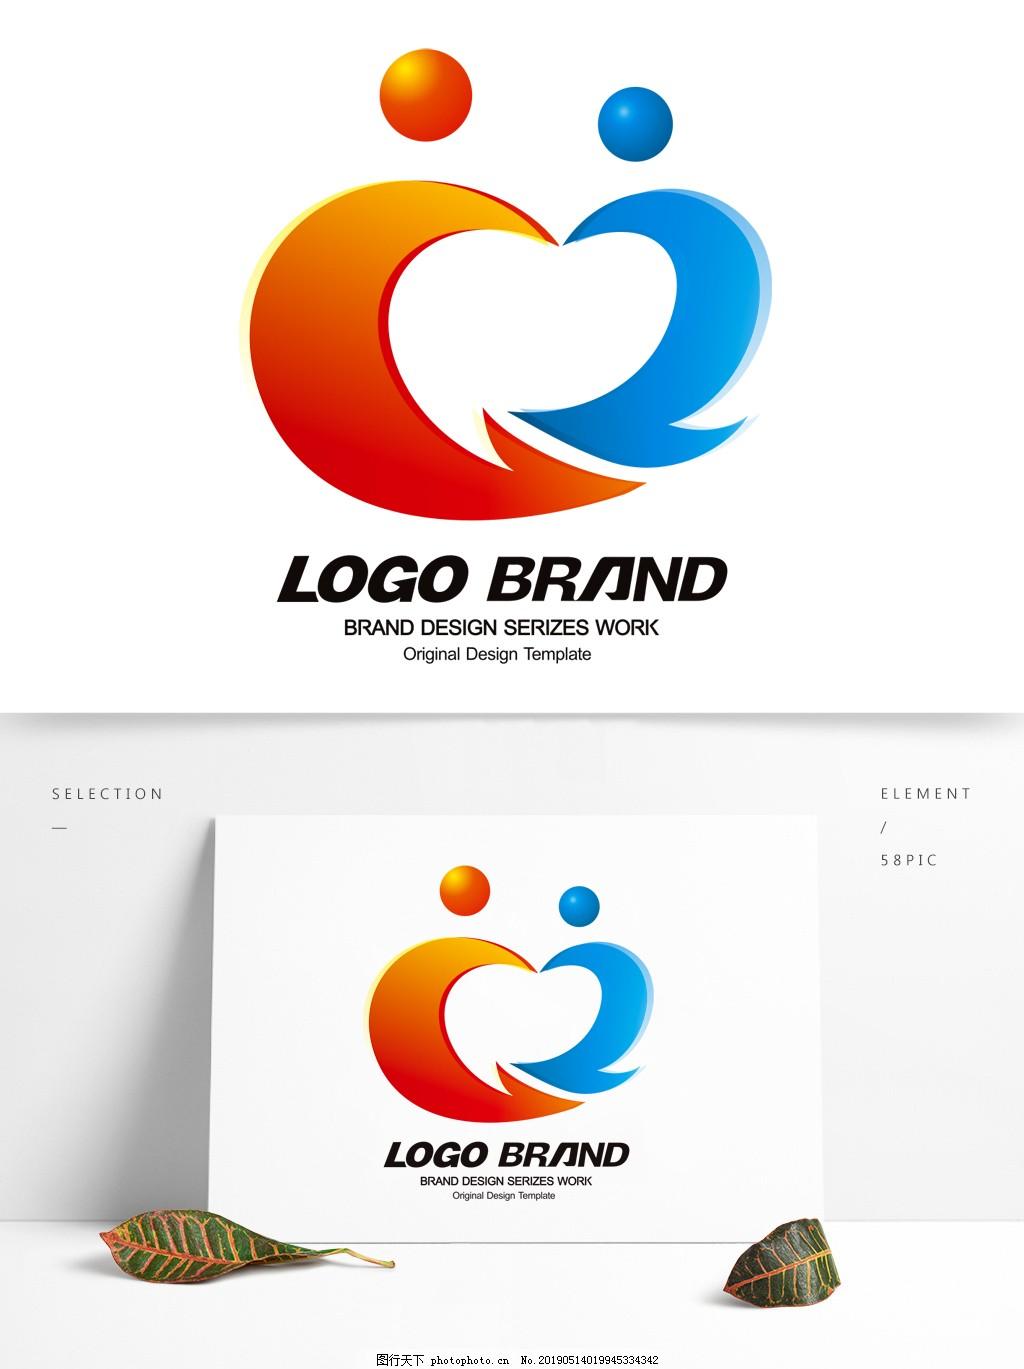 简约矢量红蓝爱心志愿者LOGO公司标志